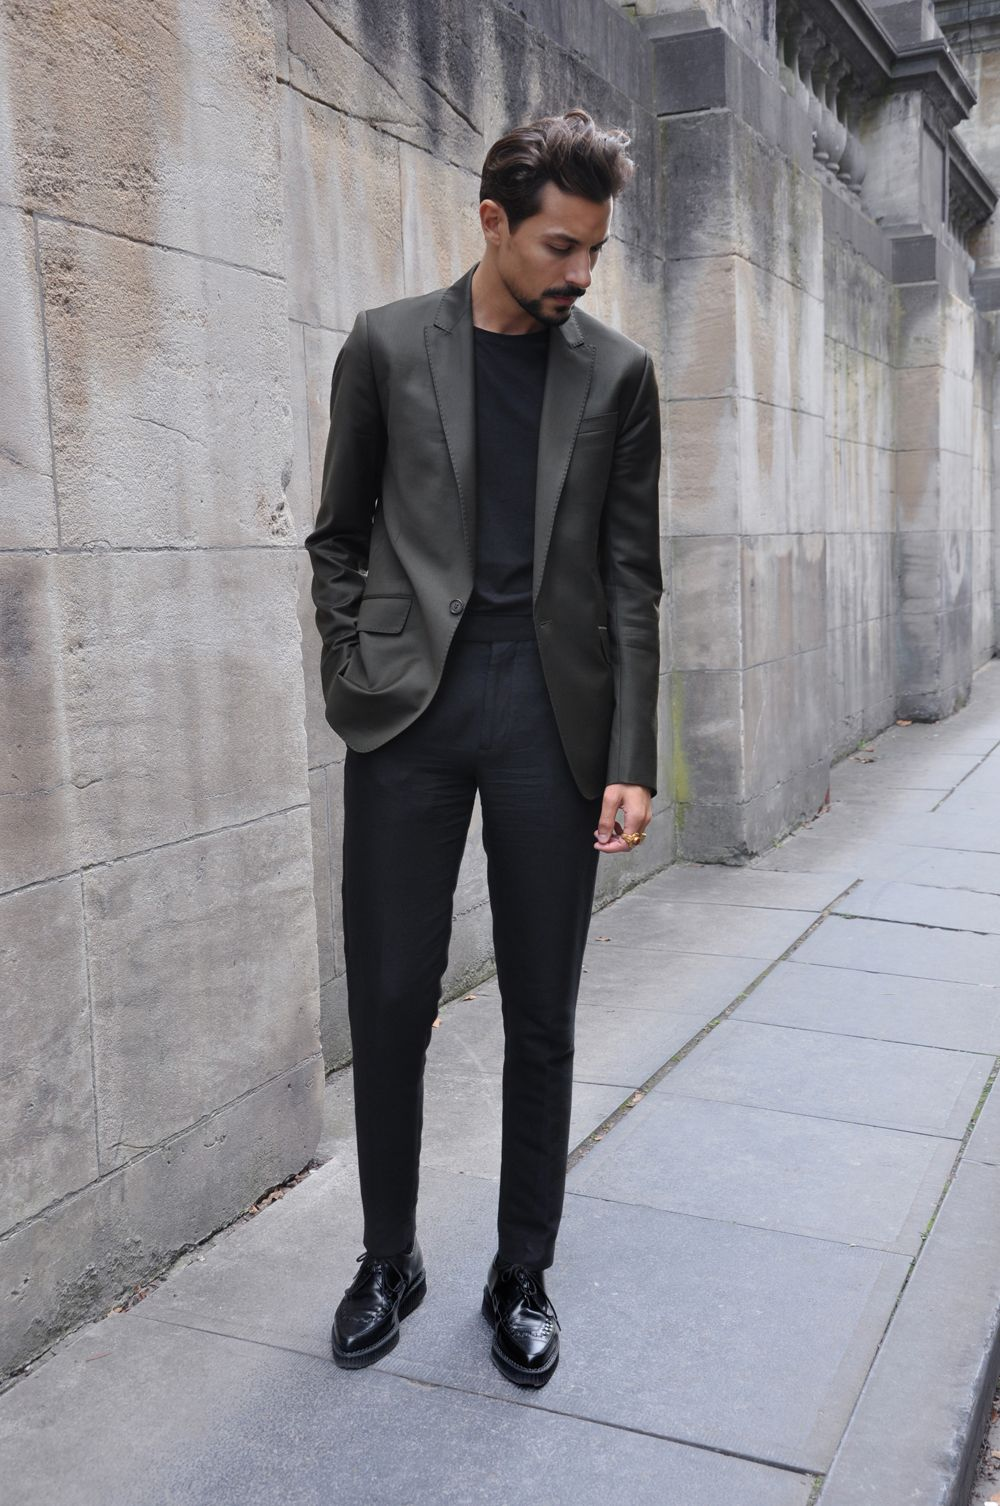 Pin By Sem Mmmms On Alfie Blazer Outfits Men Black Pants Men Grey Blazer Black Pants [ 1506 x 1000 Pixel ]